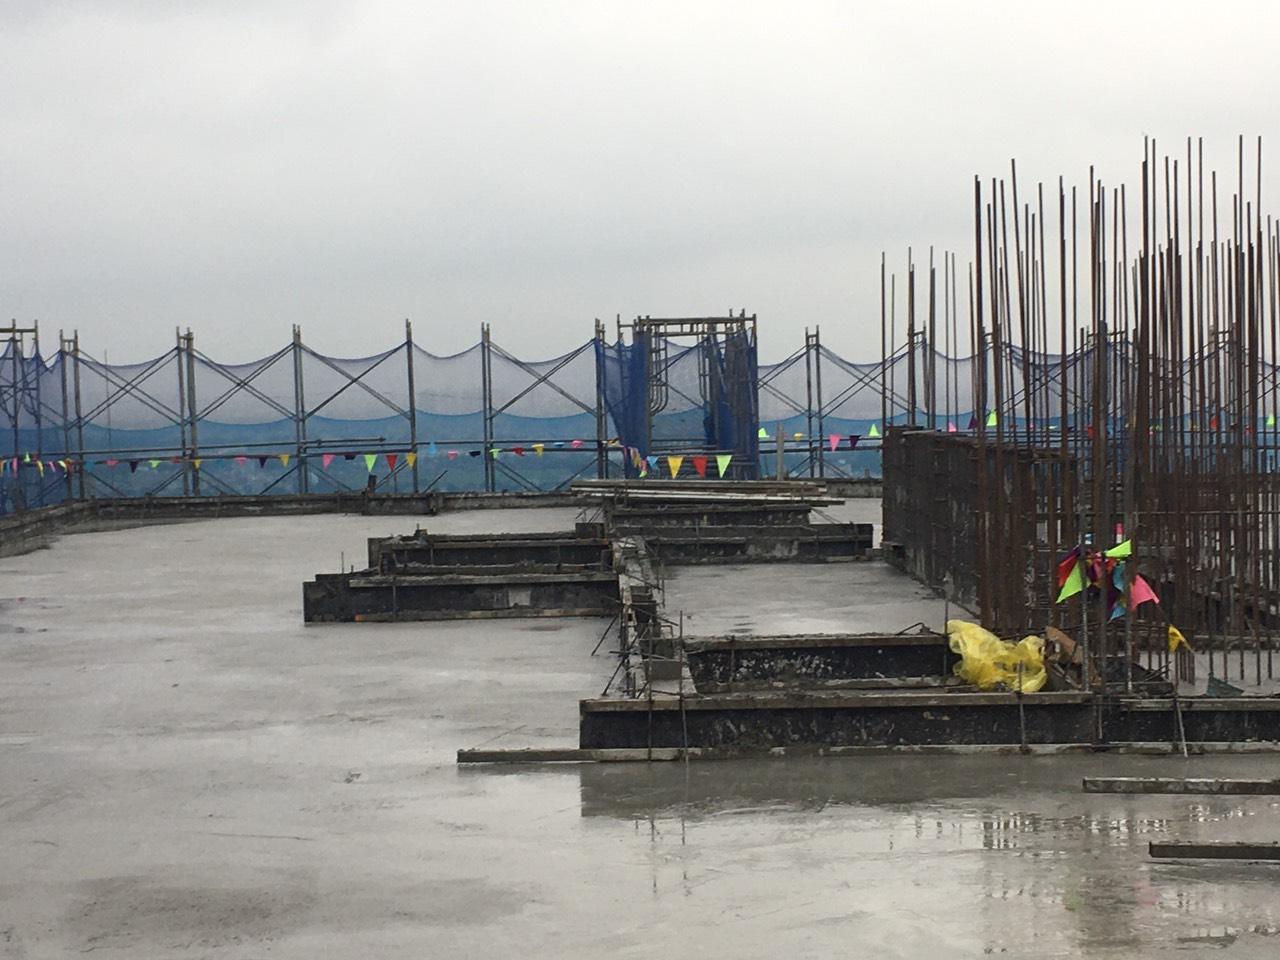 Tiến độ xây dựng dự án Athena Complex Pháp Vân ngày 15/12/2020